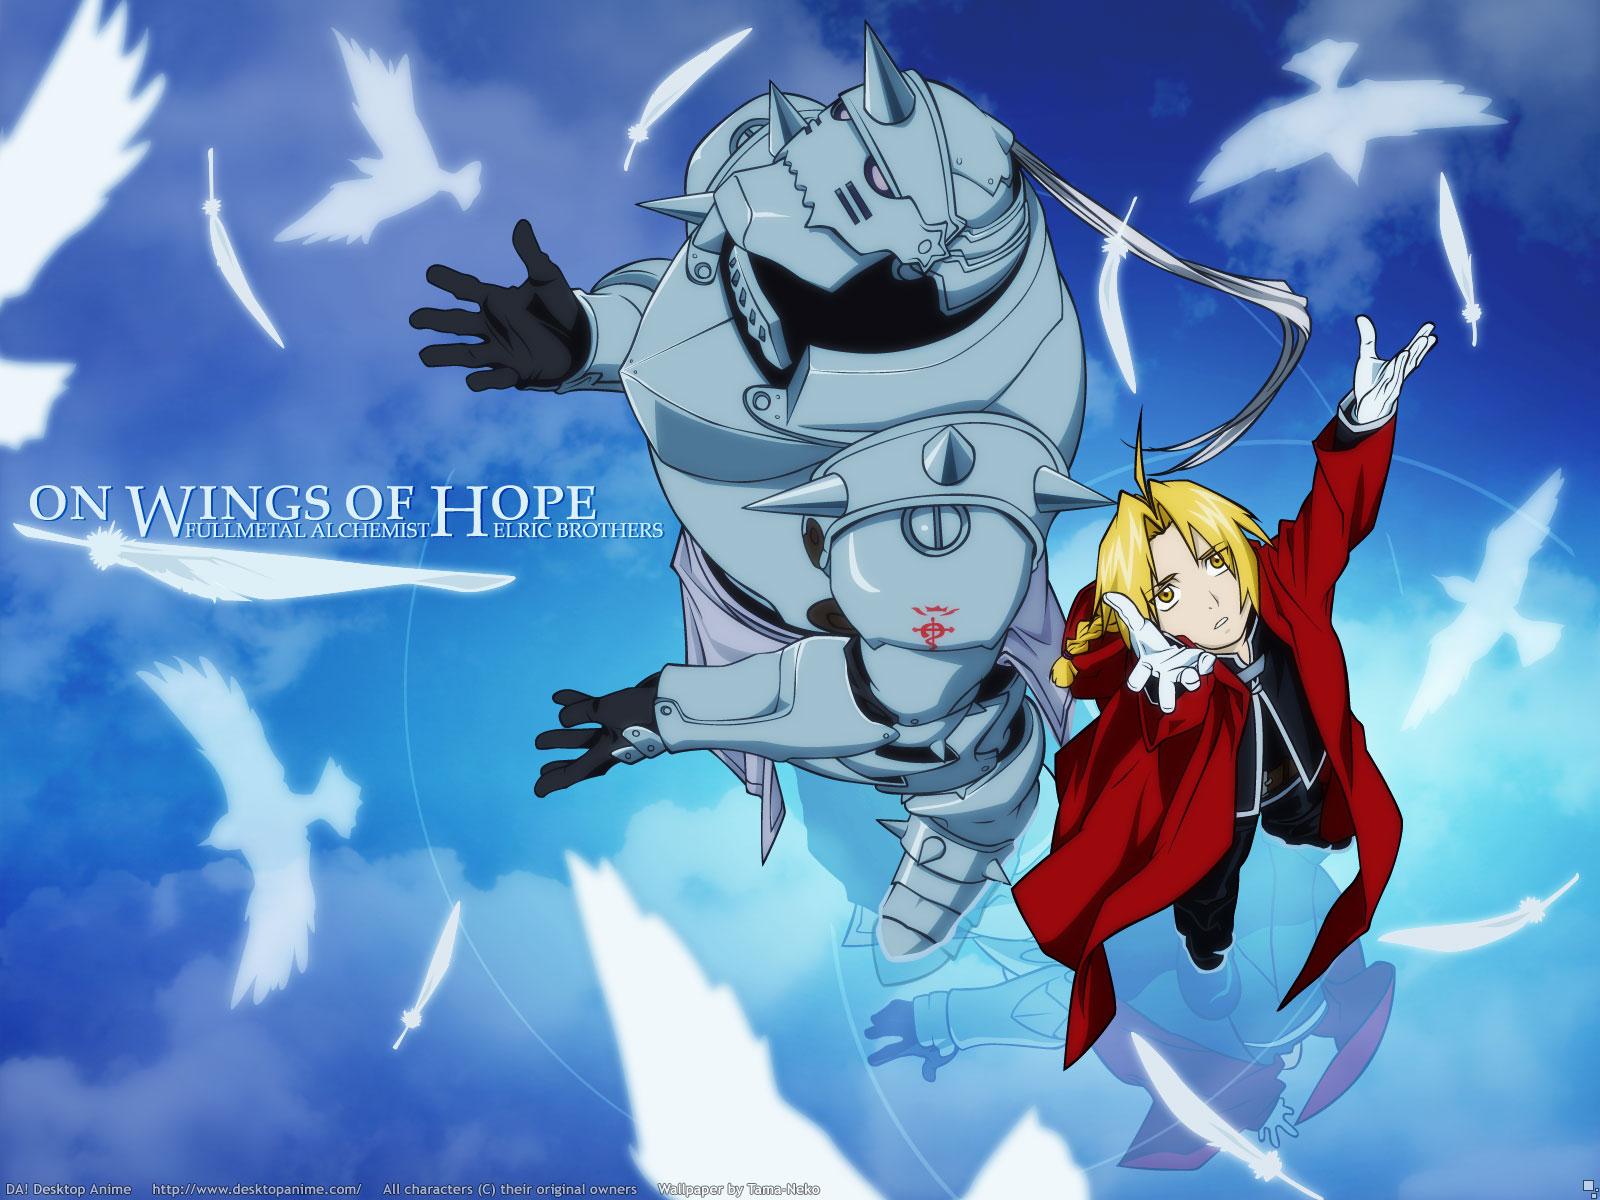 http://3.bp.blogspot.com/-uFomMhImKoU/T6gVJxuc-DI/AAAAAAAAAfU/AzNUdF4m2pE/s1600/Minitokyo_Anime_Wallpapers_Fullmetal_Alchemist%5B66791%5D.jpg